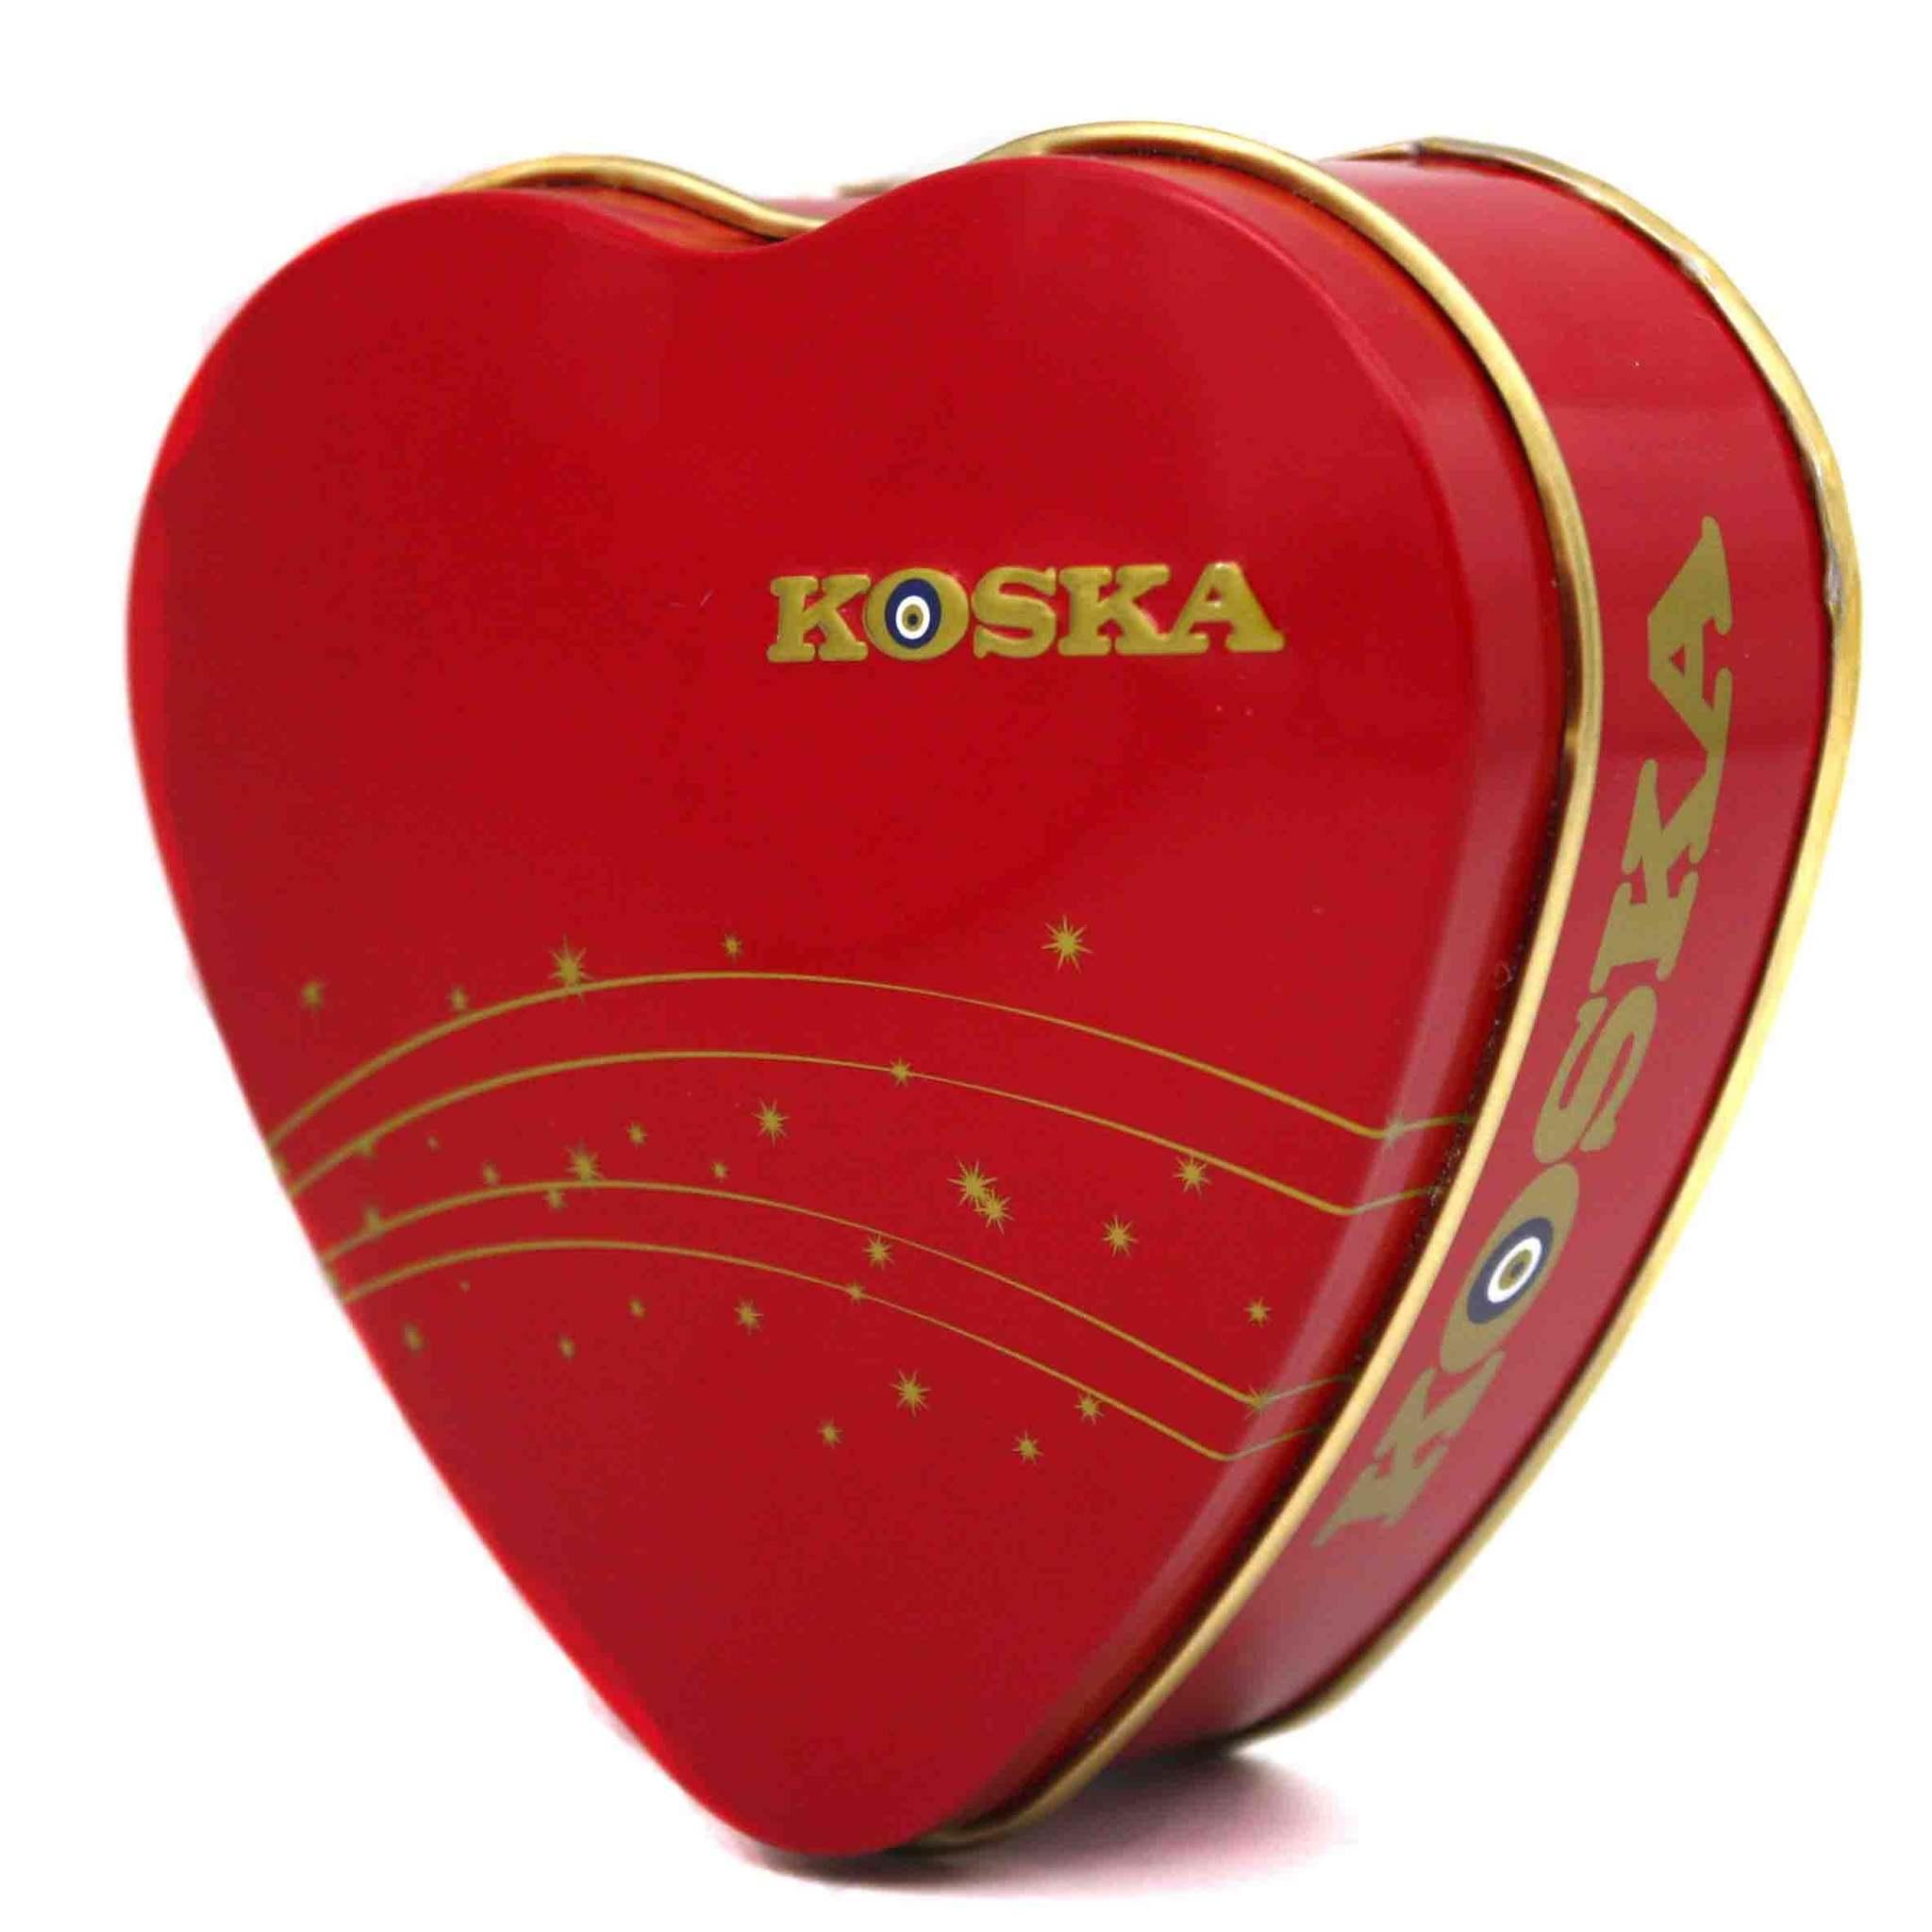 """Koska Рахат-лукум со вкусом розы и лимона в подарочной упаковке """"Сердце"""", Koska, 150 г import_files_aa_aa2a2ec433ba11eaa9c6484d7ecee297_6e59192c516611eaa9c7484d7ecee297.jpg"""